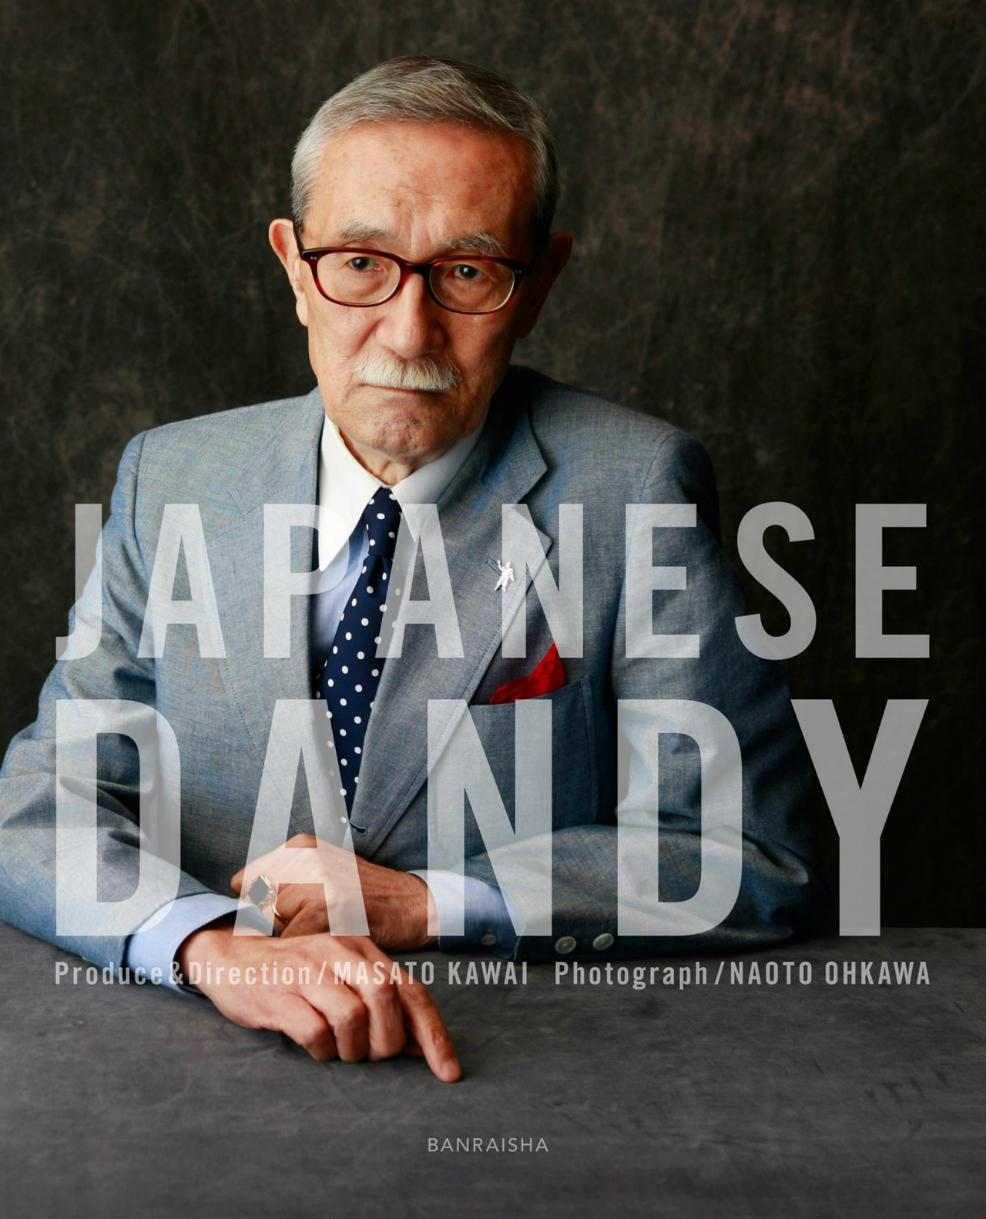 Japanese Dandy: El libro que retrata a los caballeros más estilosos de Japón